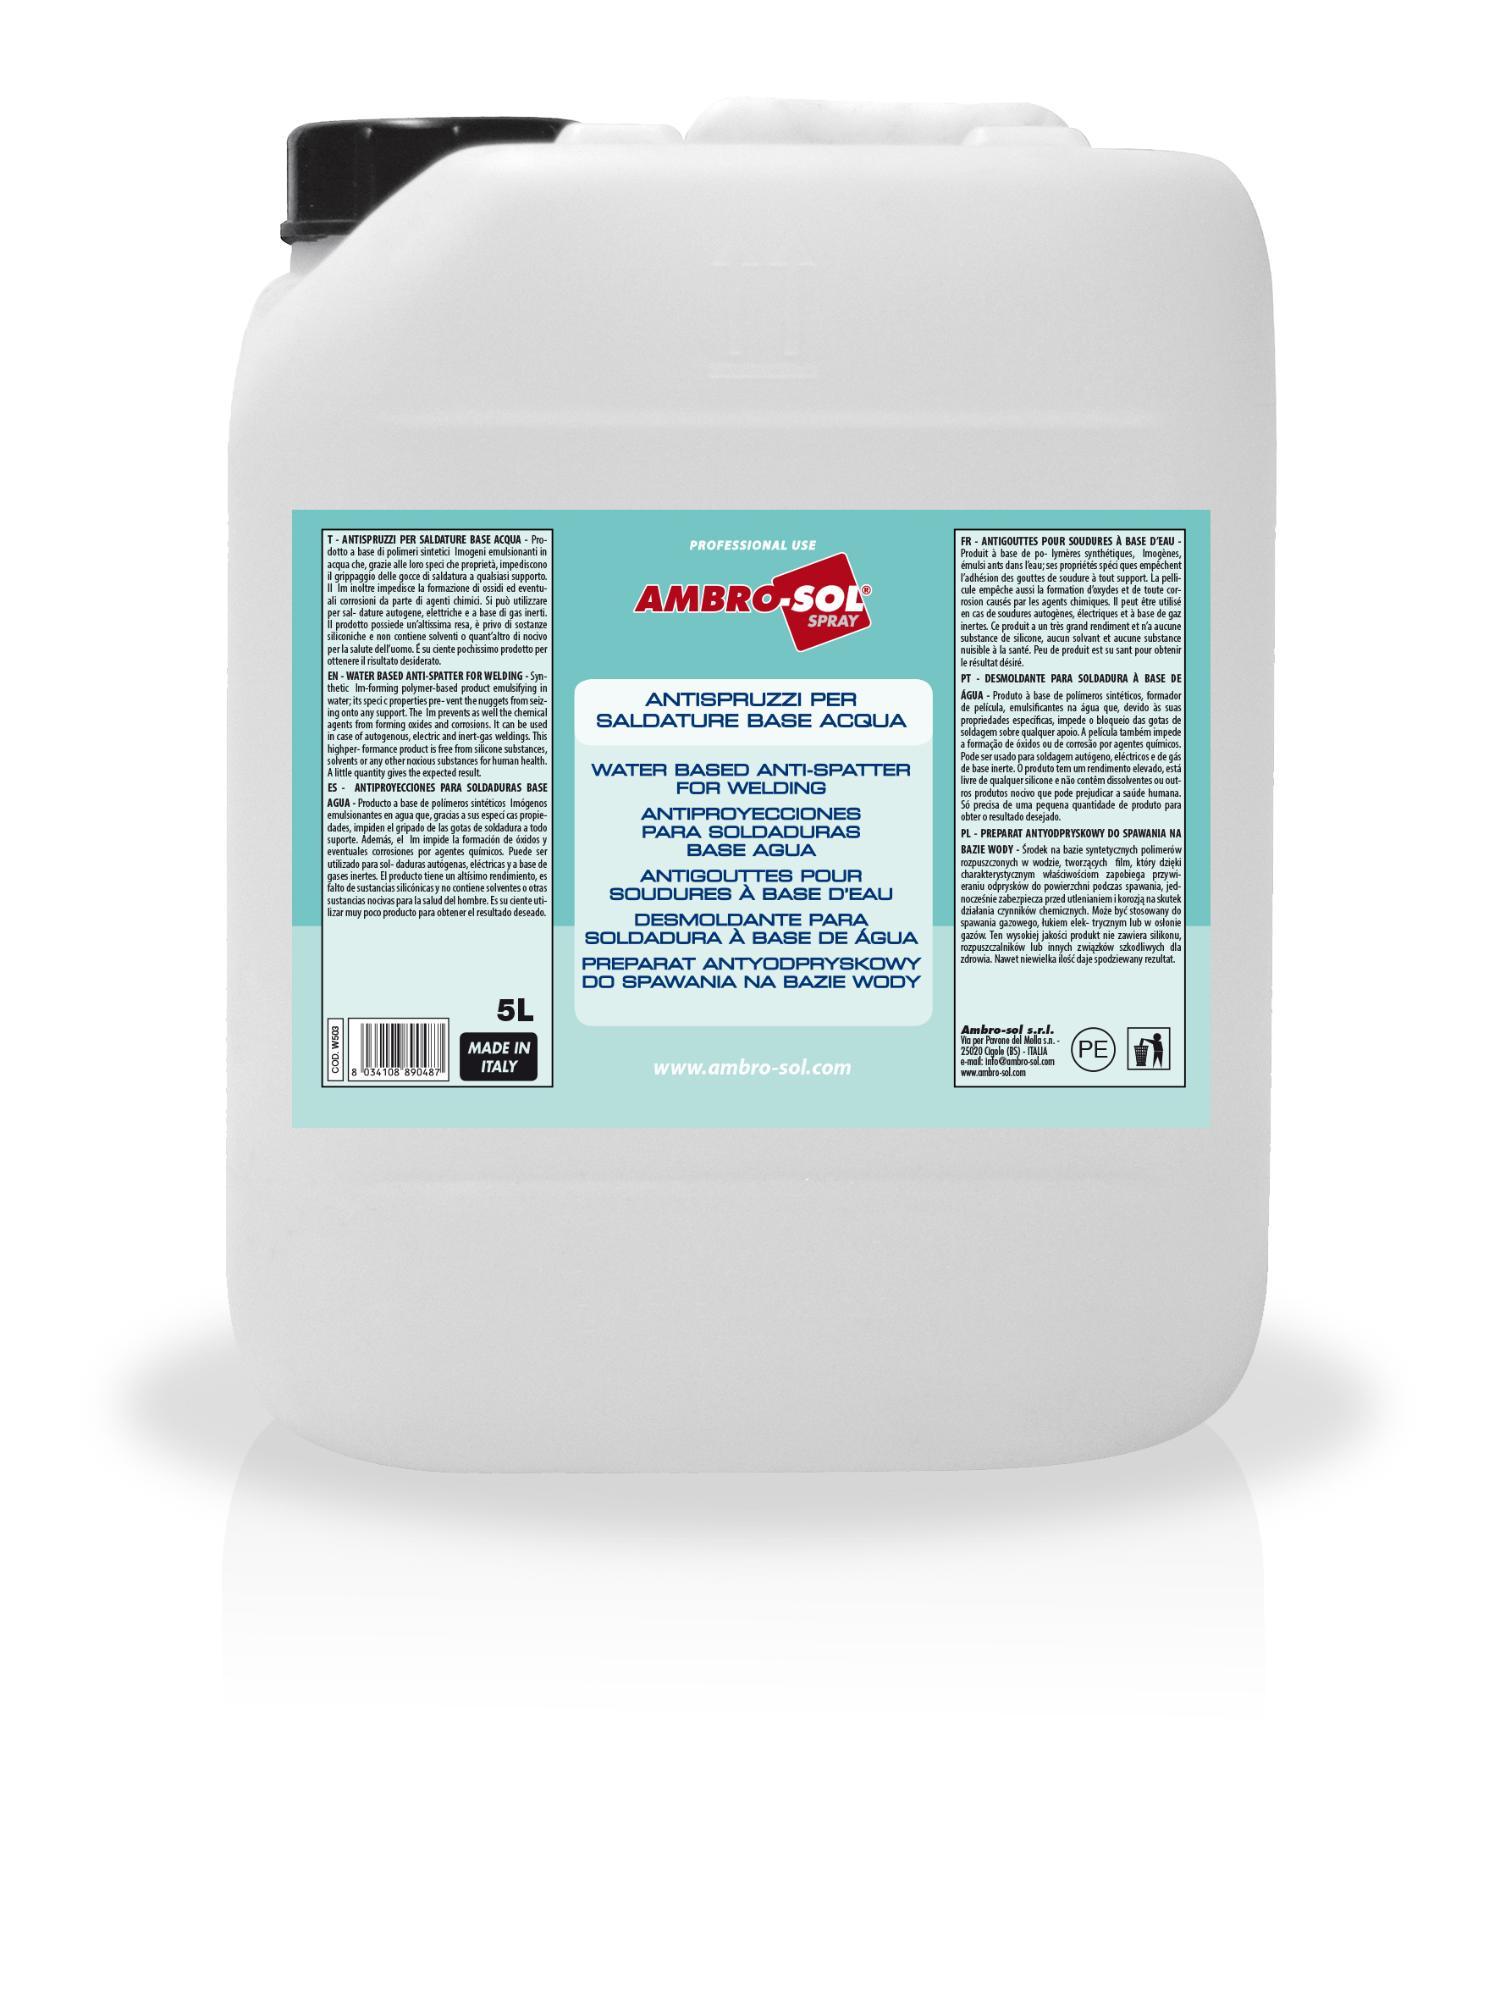 Zvárací prípravok na báze vody 5000 ml